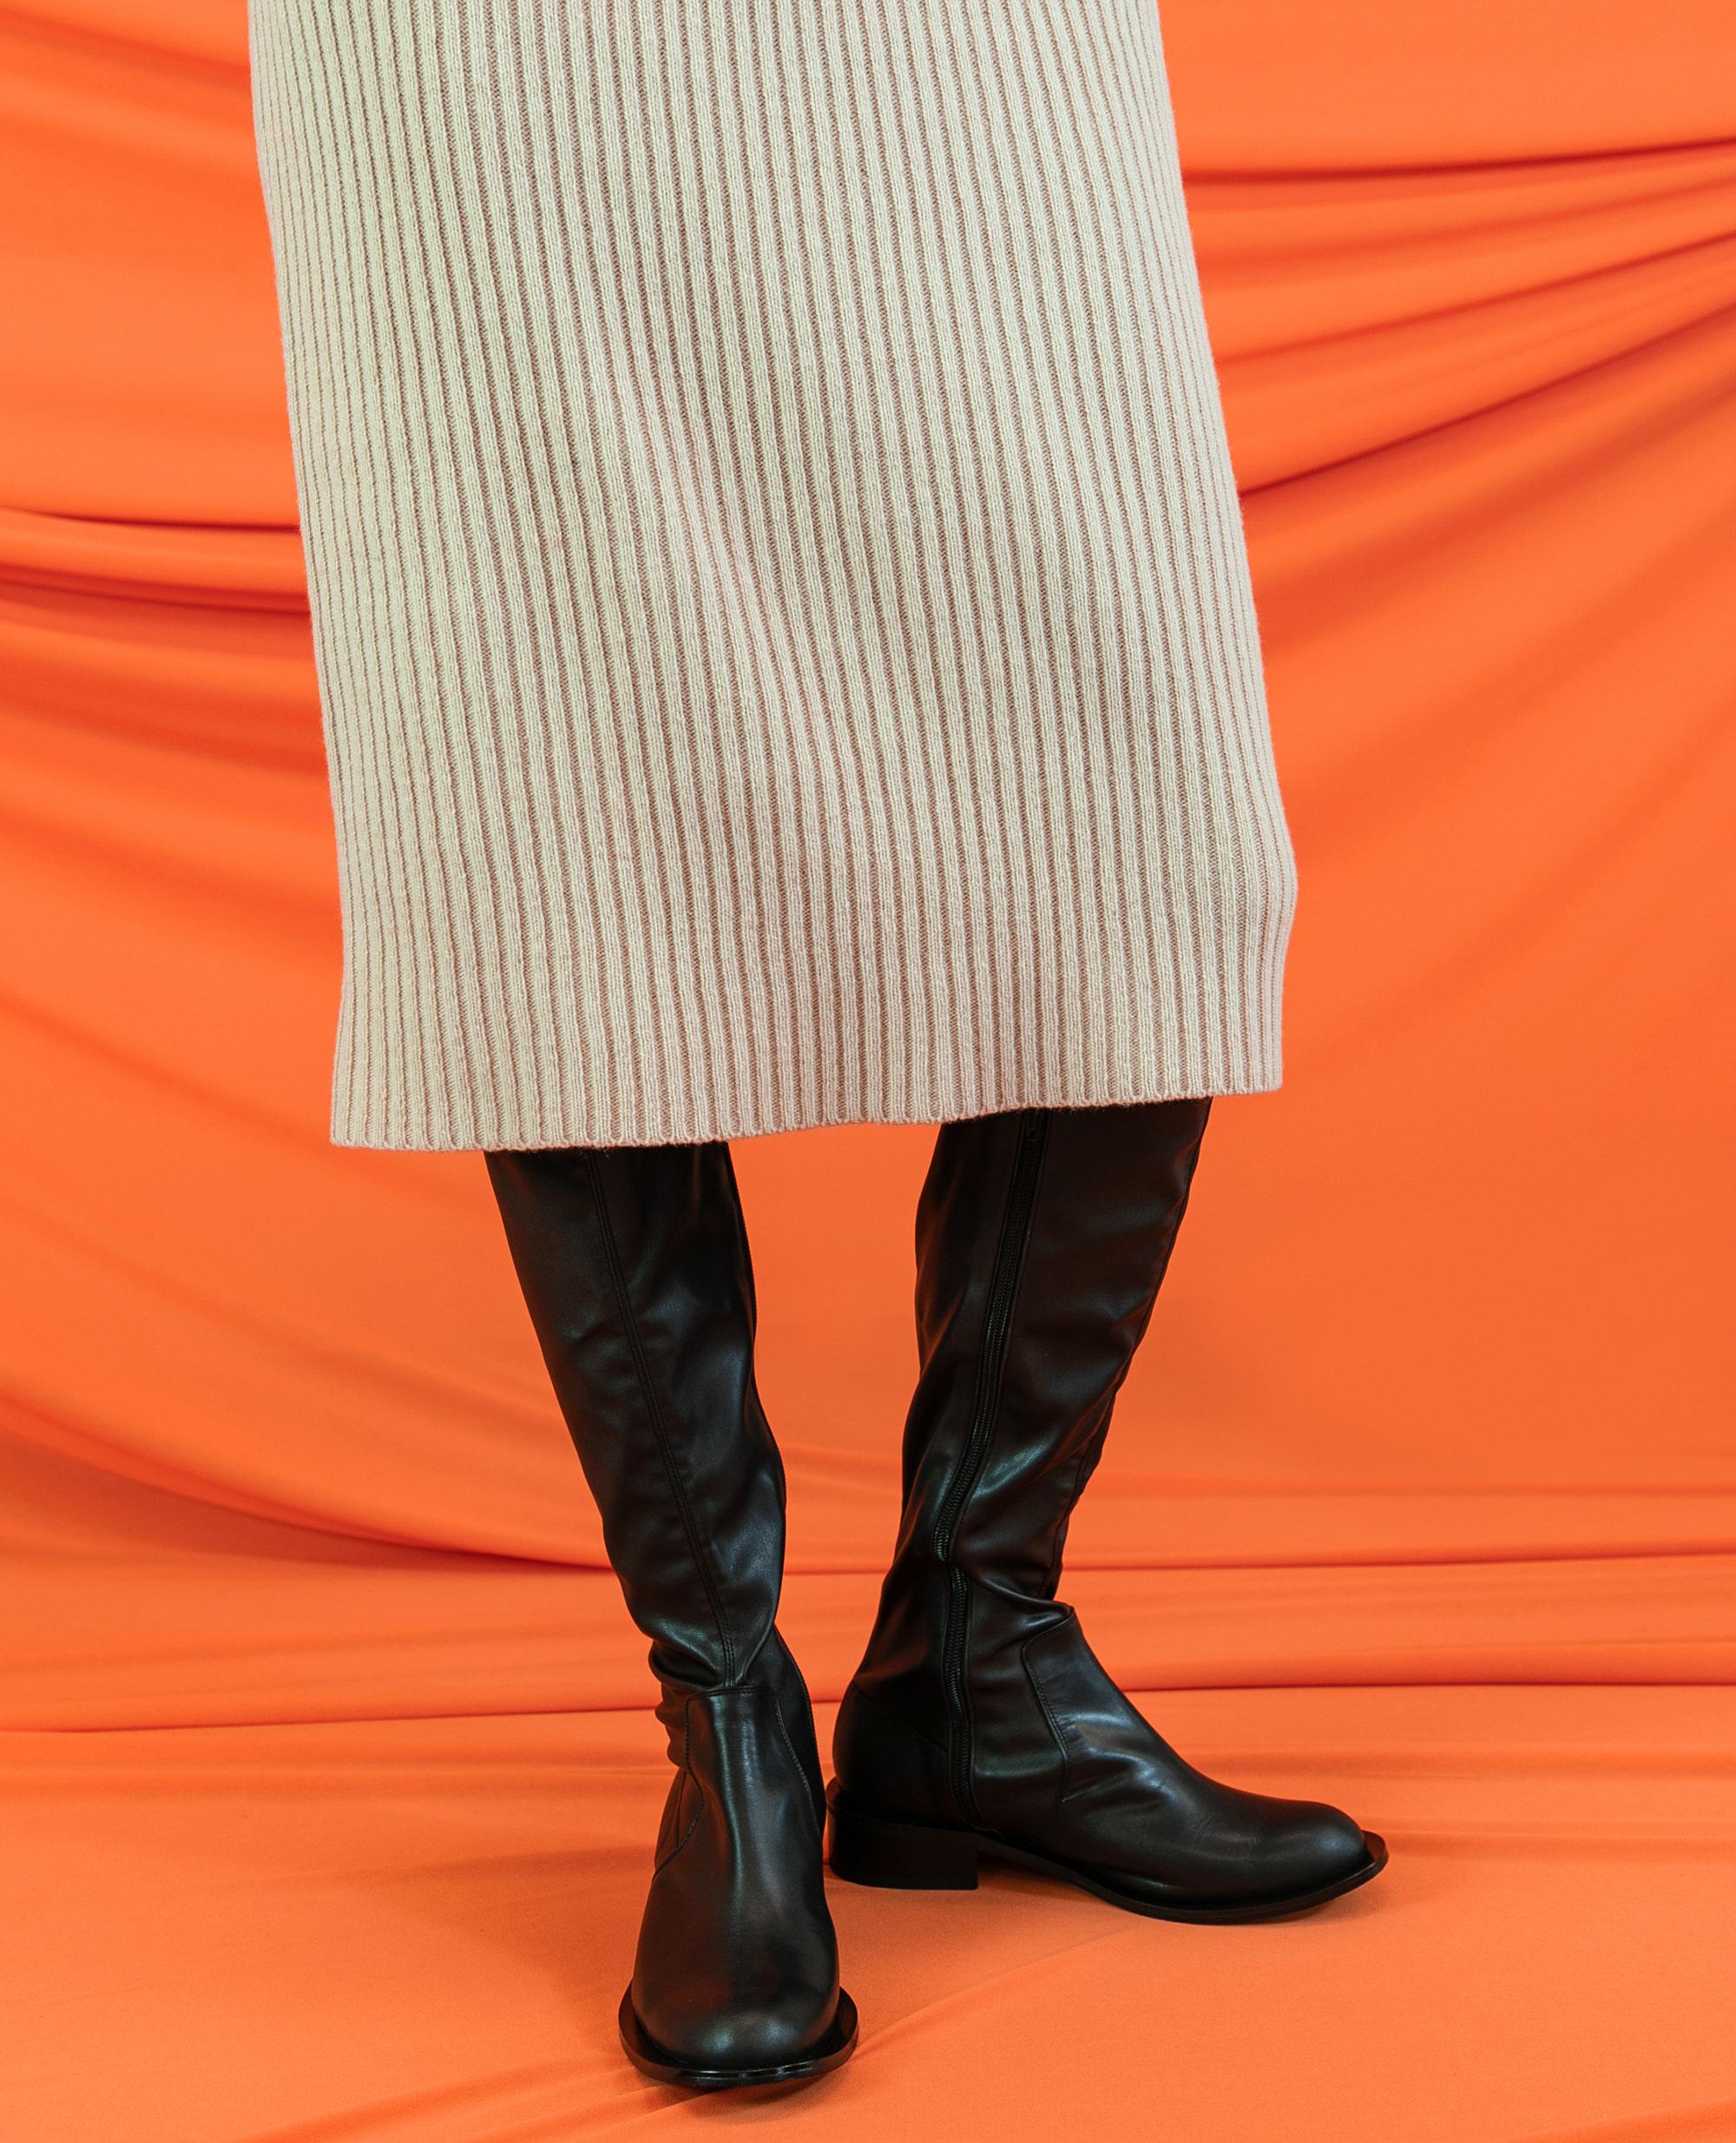 플랫아파트먼트써클, 앵클부츠, 삭스부츠, 비건레더, 하이부츠, 롱부츠, flat apartment circle, ankle boots, sock boots, vegan leather shoes, high boots, long boots